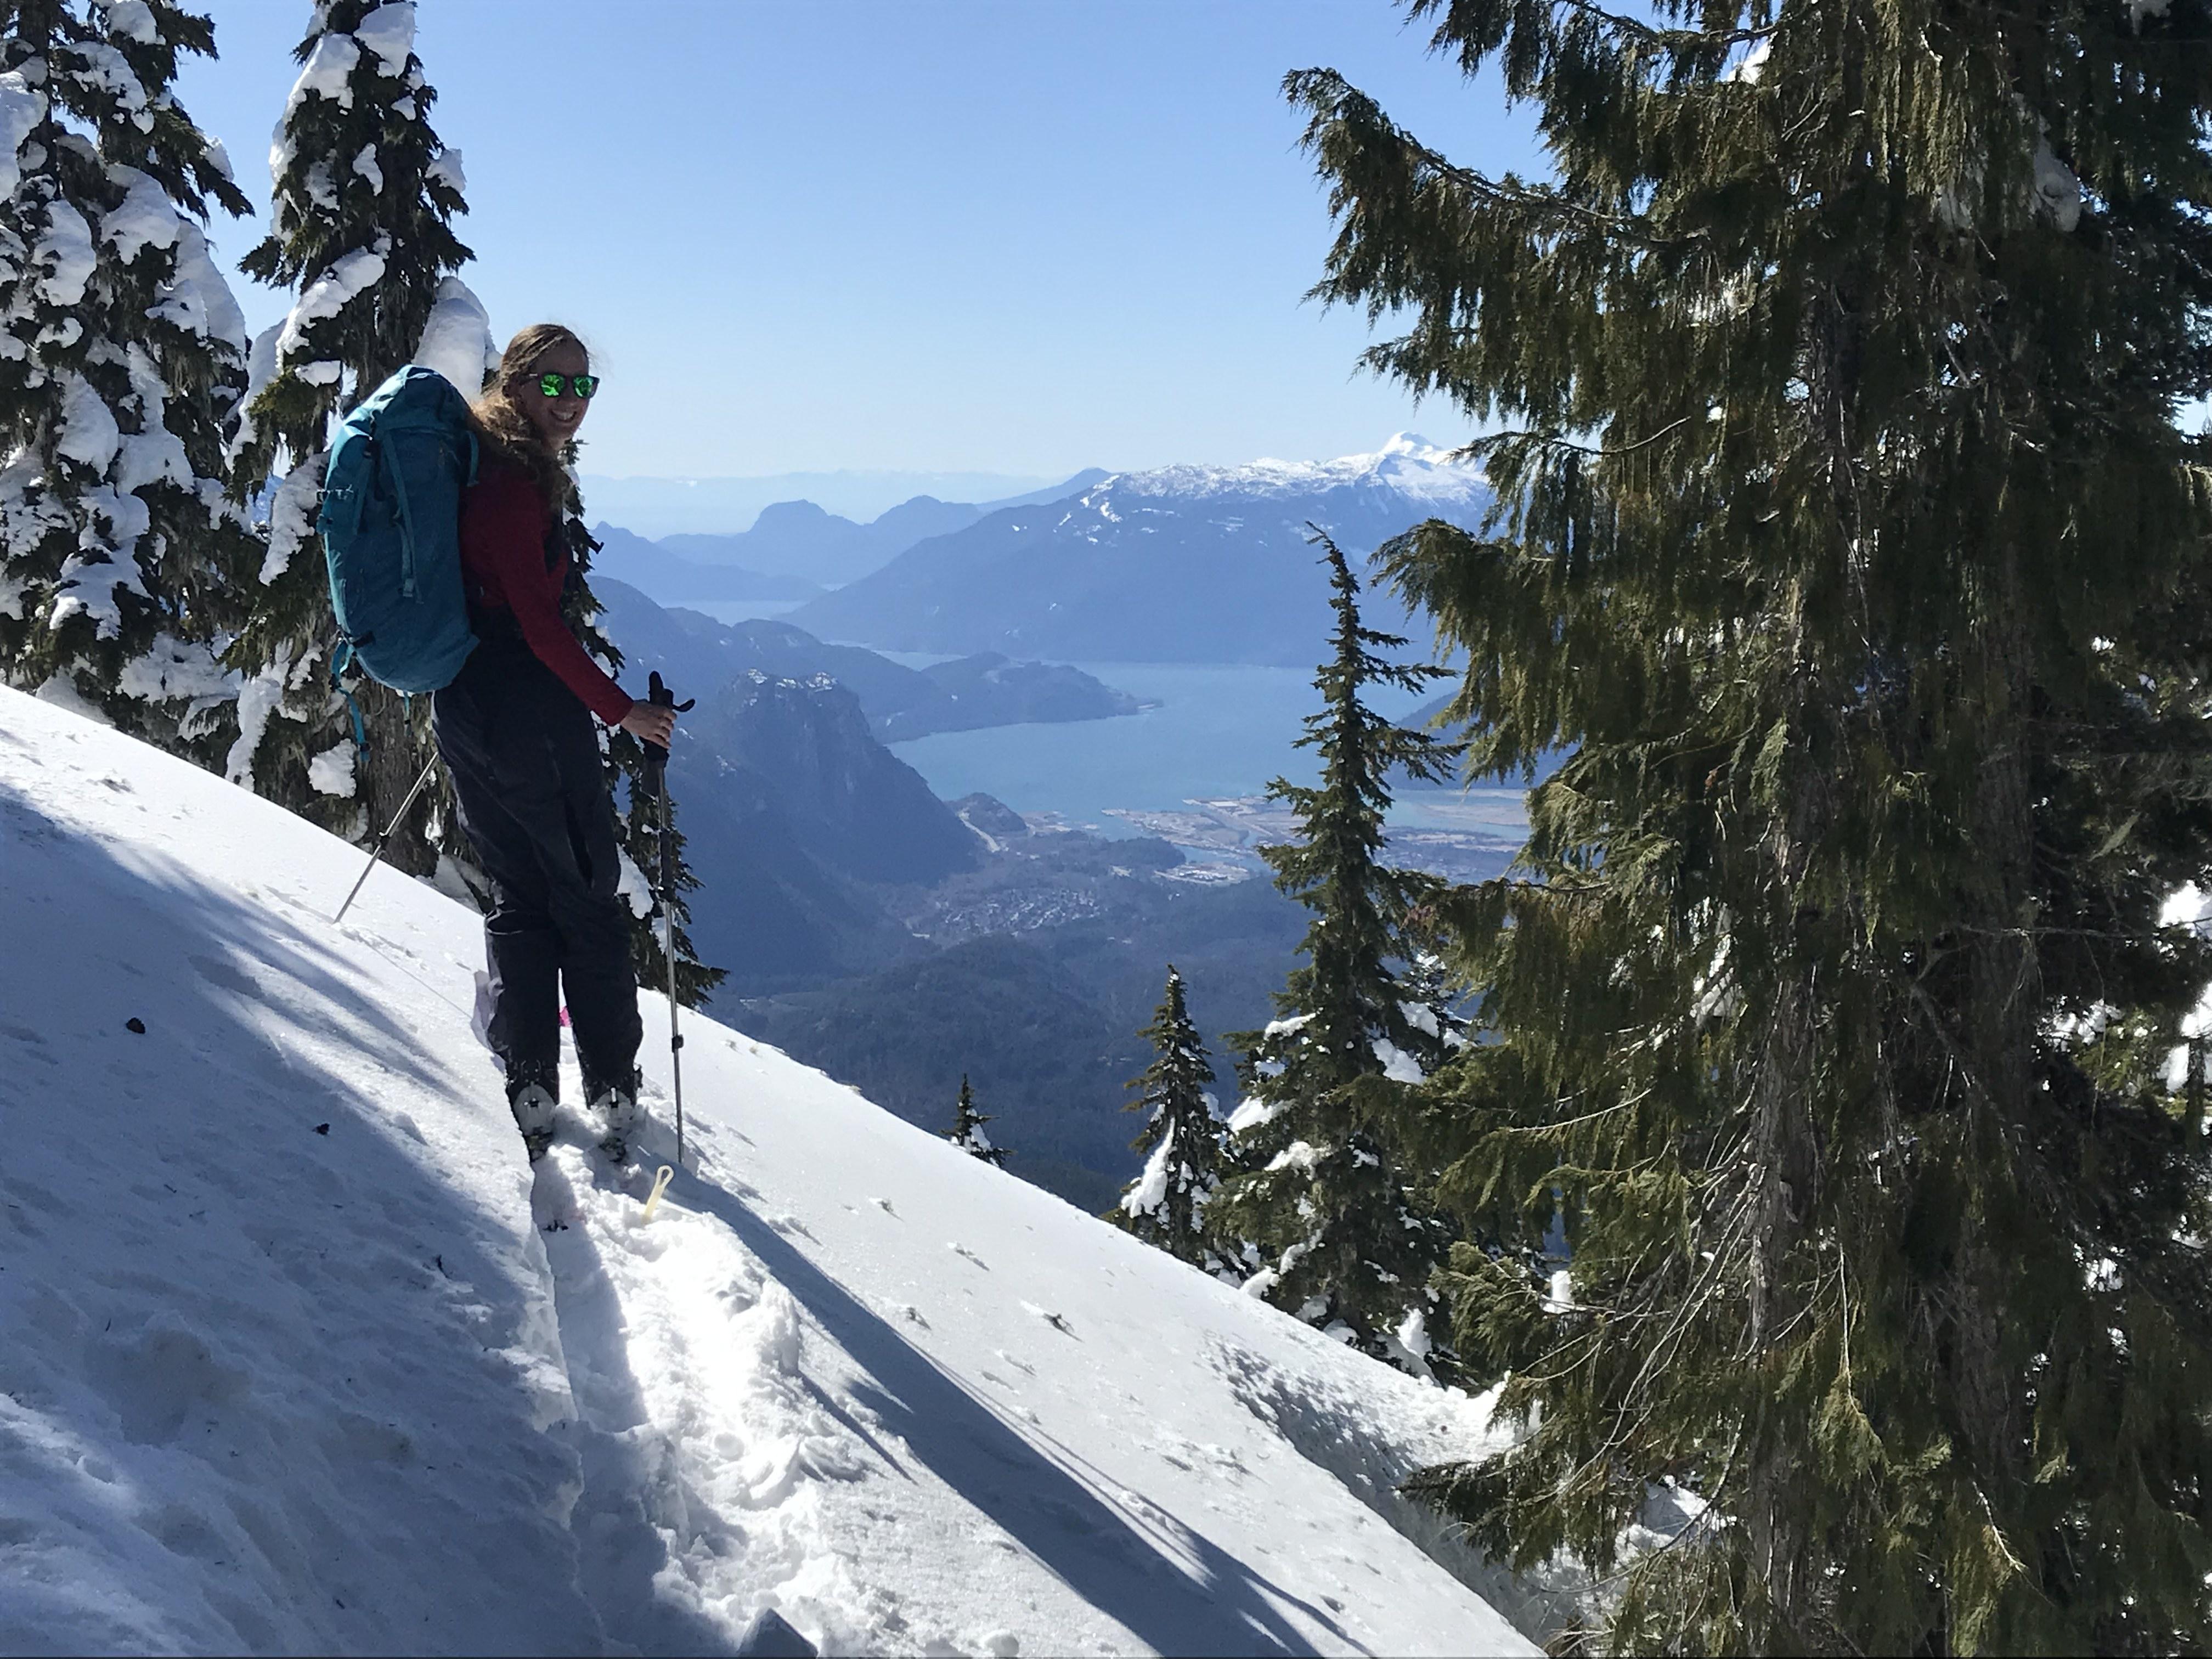 ski touring in squamish